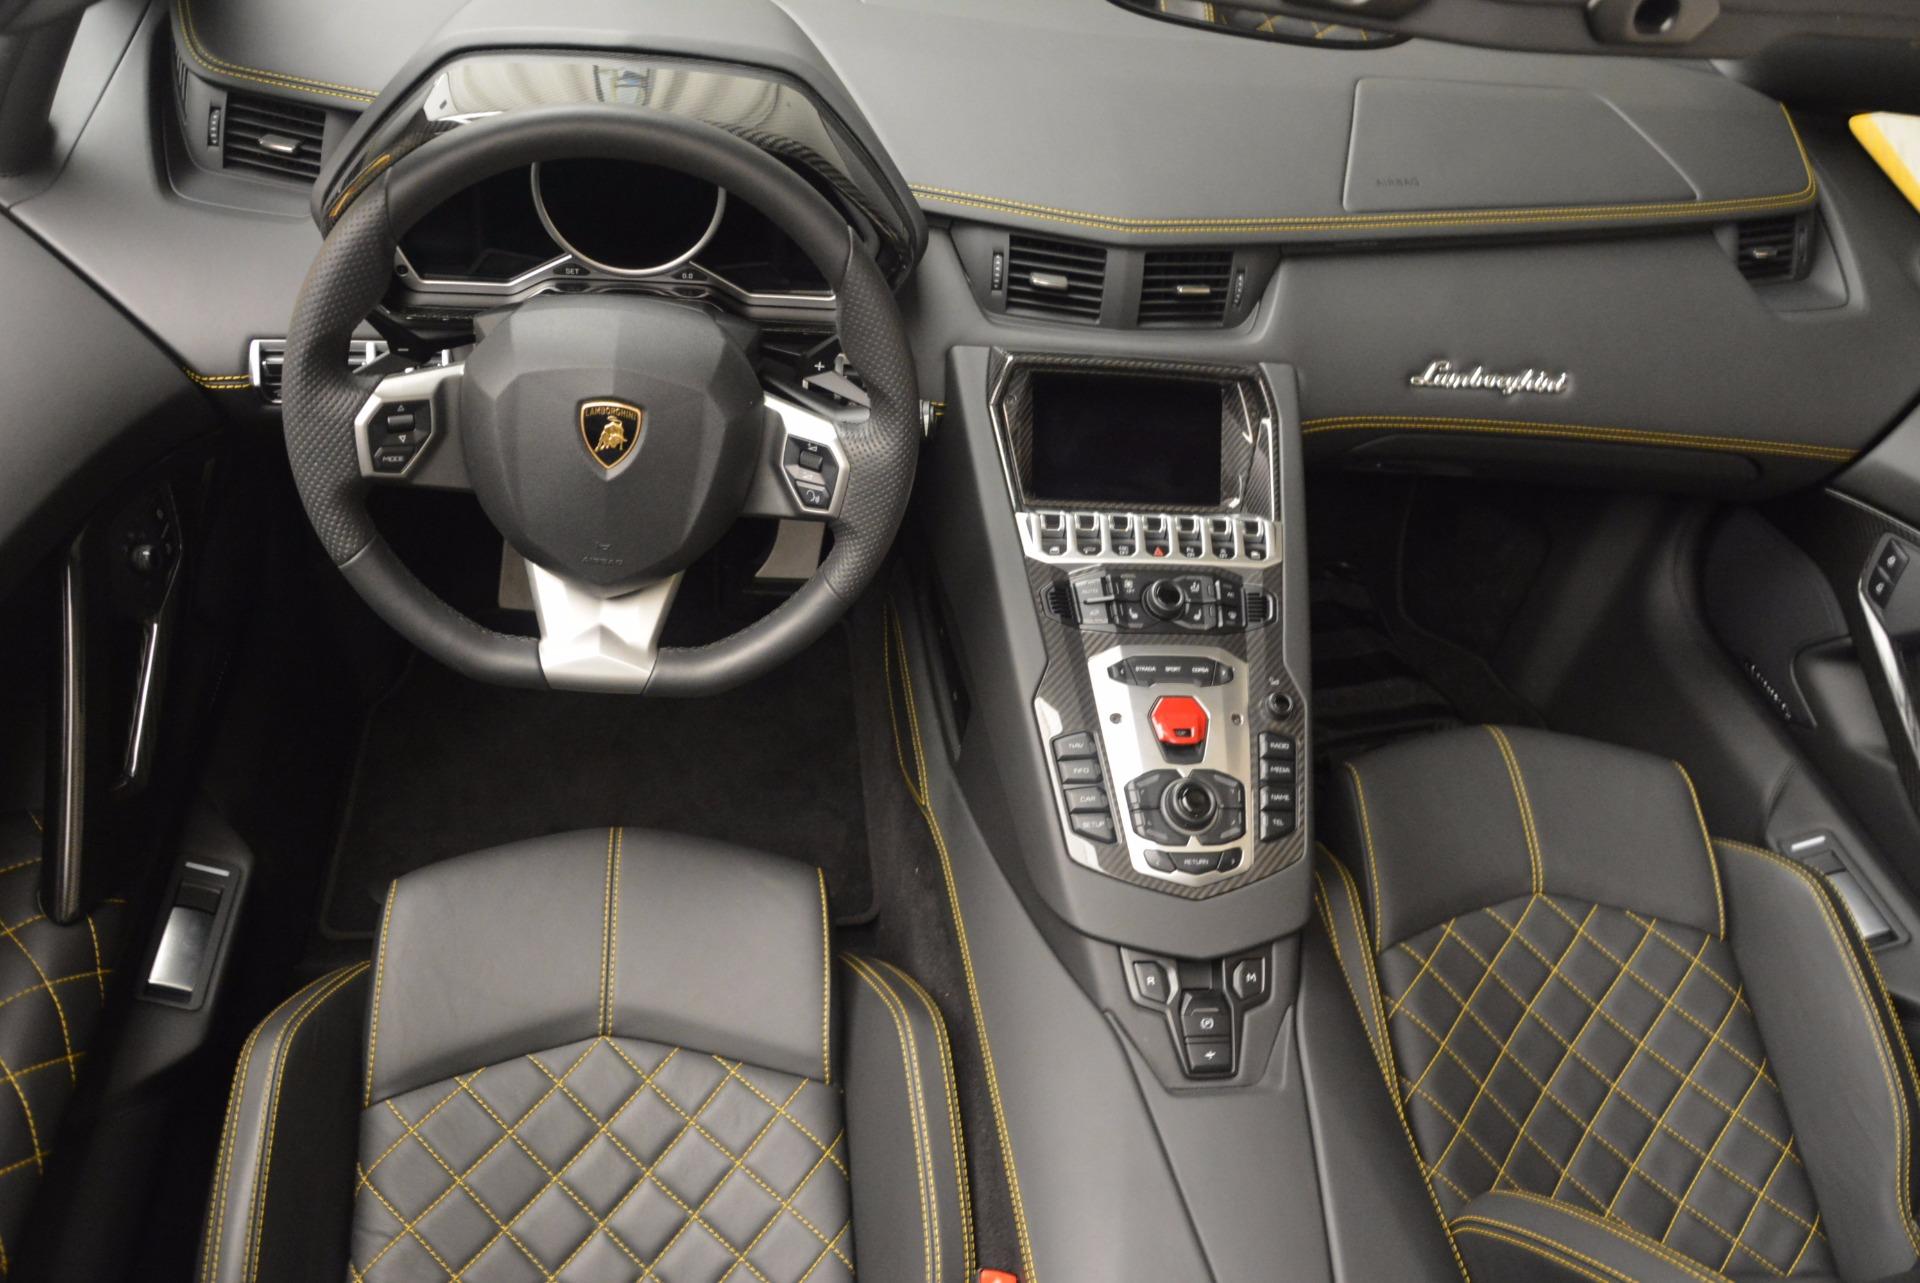 Used 2015 Lamborghini Aventador LP 700-4 Roadster For Sale In Greenwich, CT. Alfa Romeo of Greenwich, 7284 1774_p16